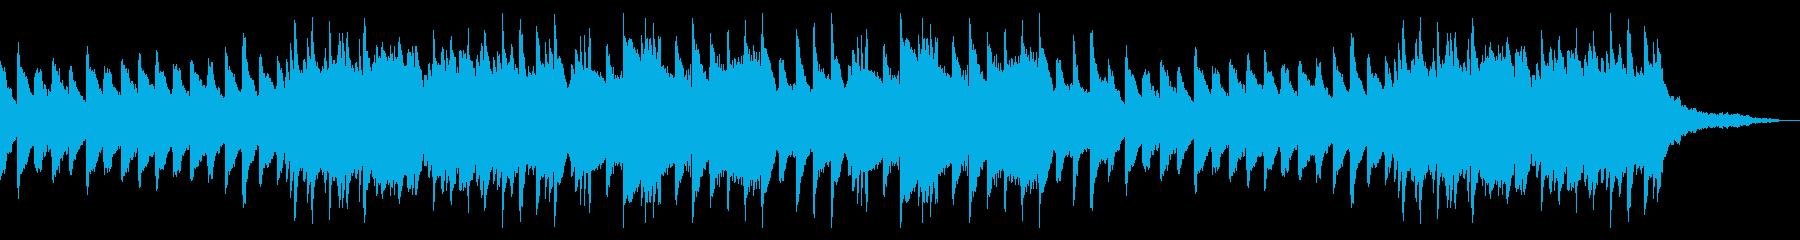 しっとり平坦なピアノBGMの再生済みの波形